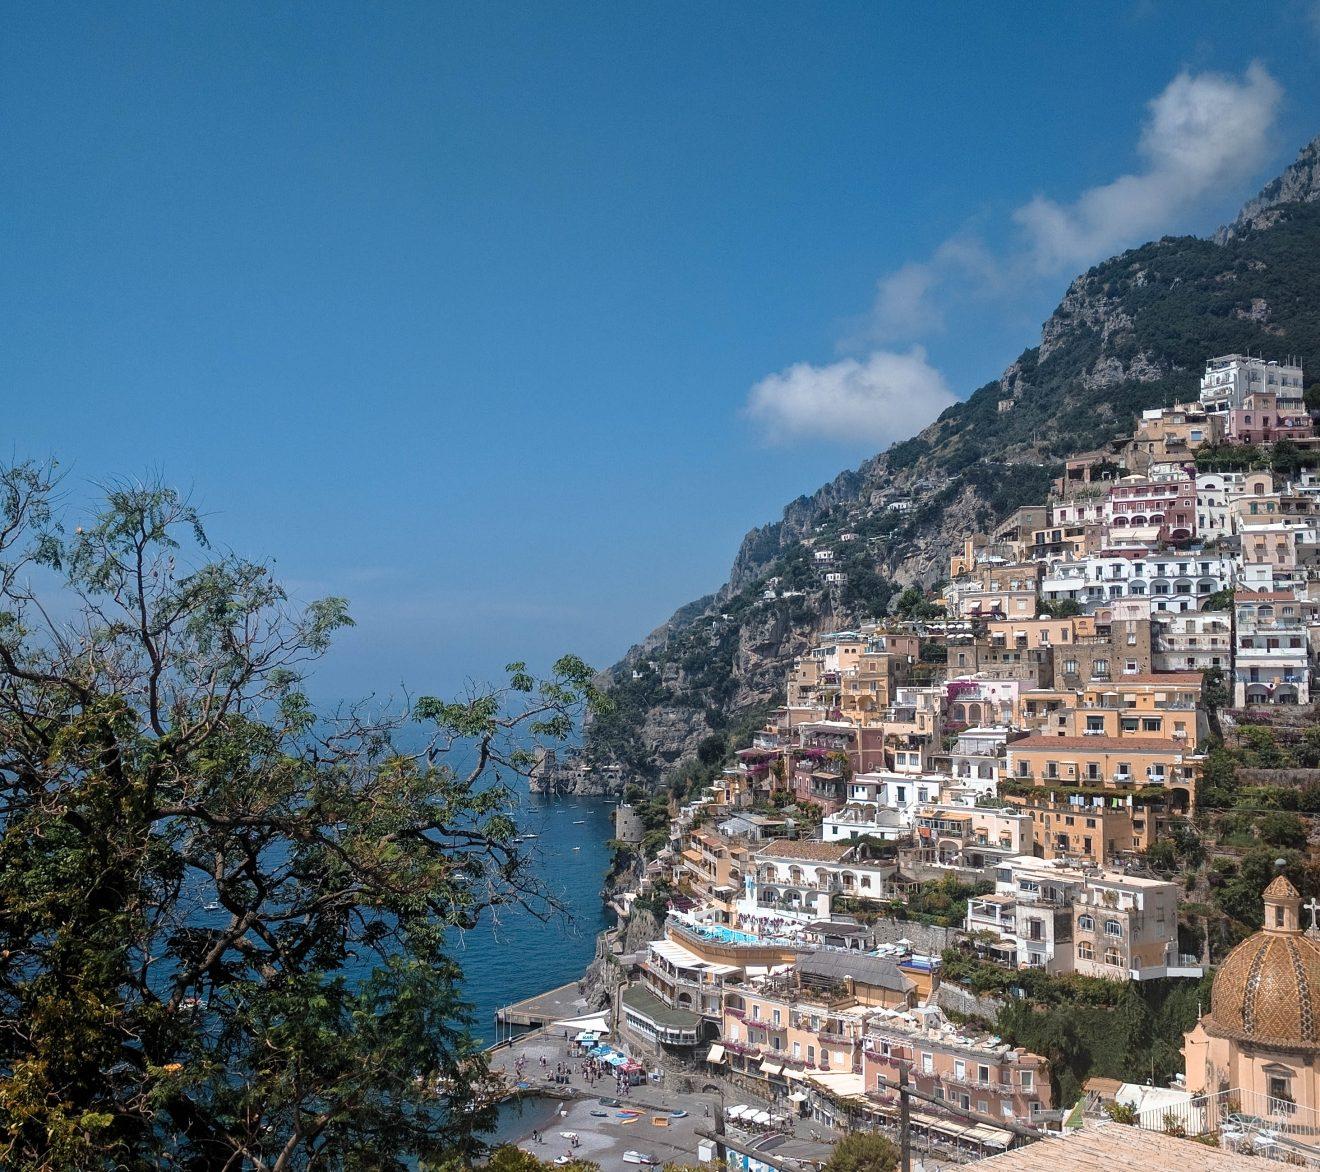 Maisons sur le flanc côtier de Positano